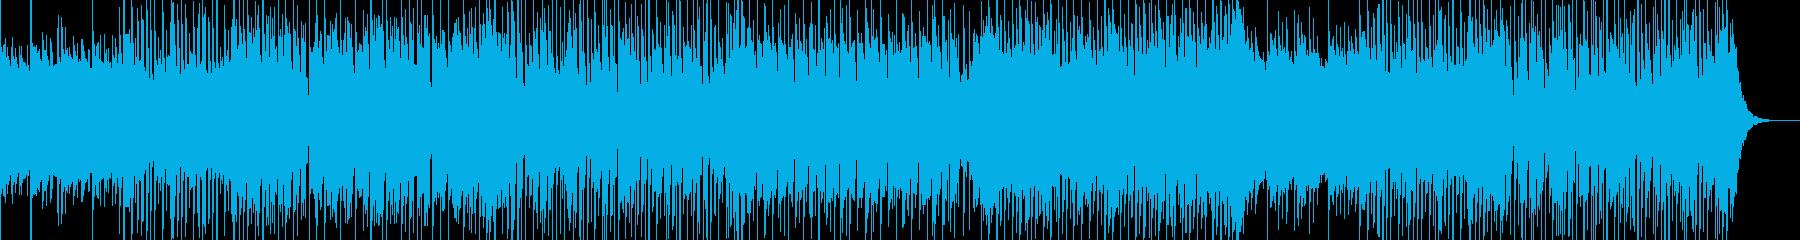 切なく耳に残るリフが印象的なBGMの再生済みの波形